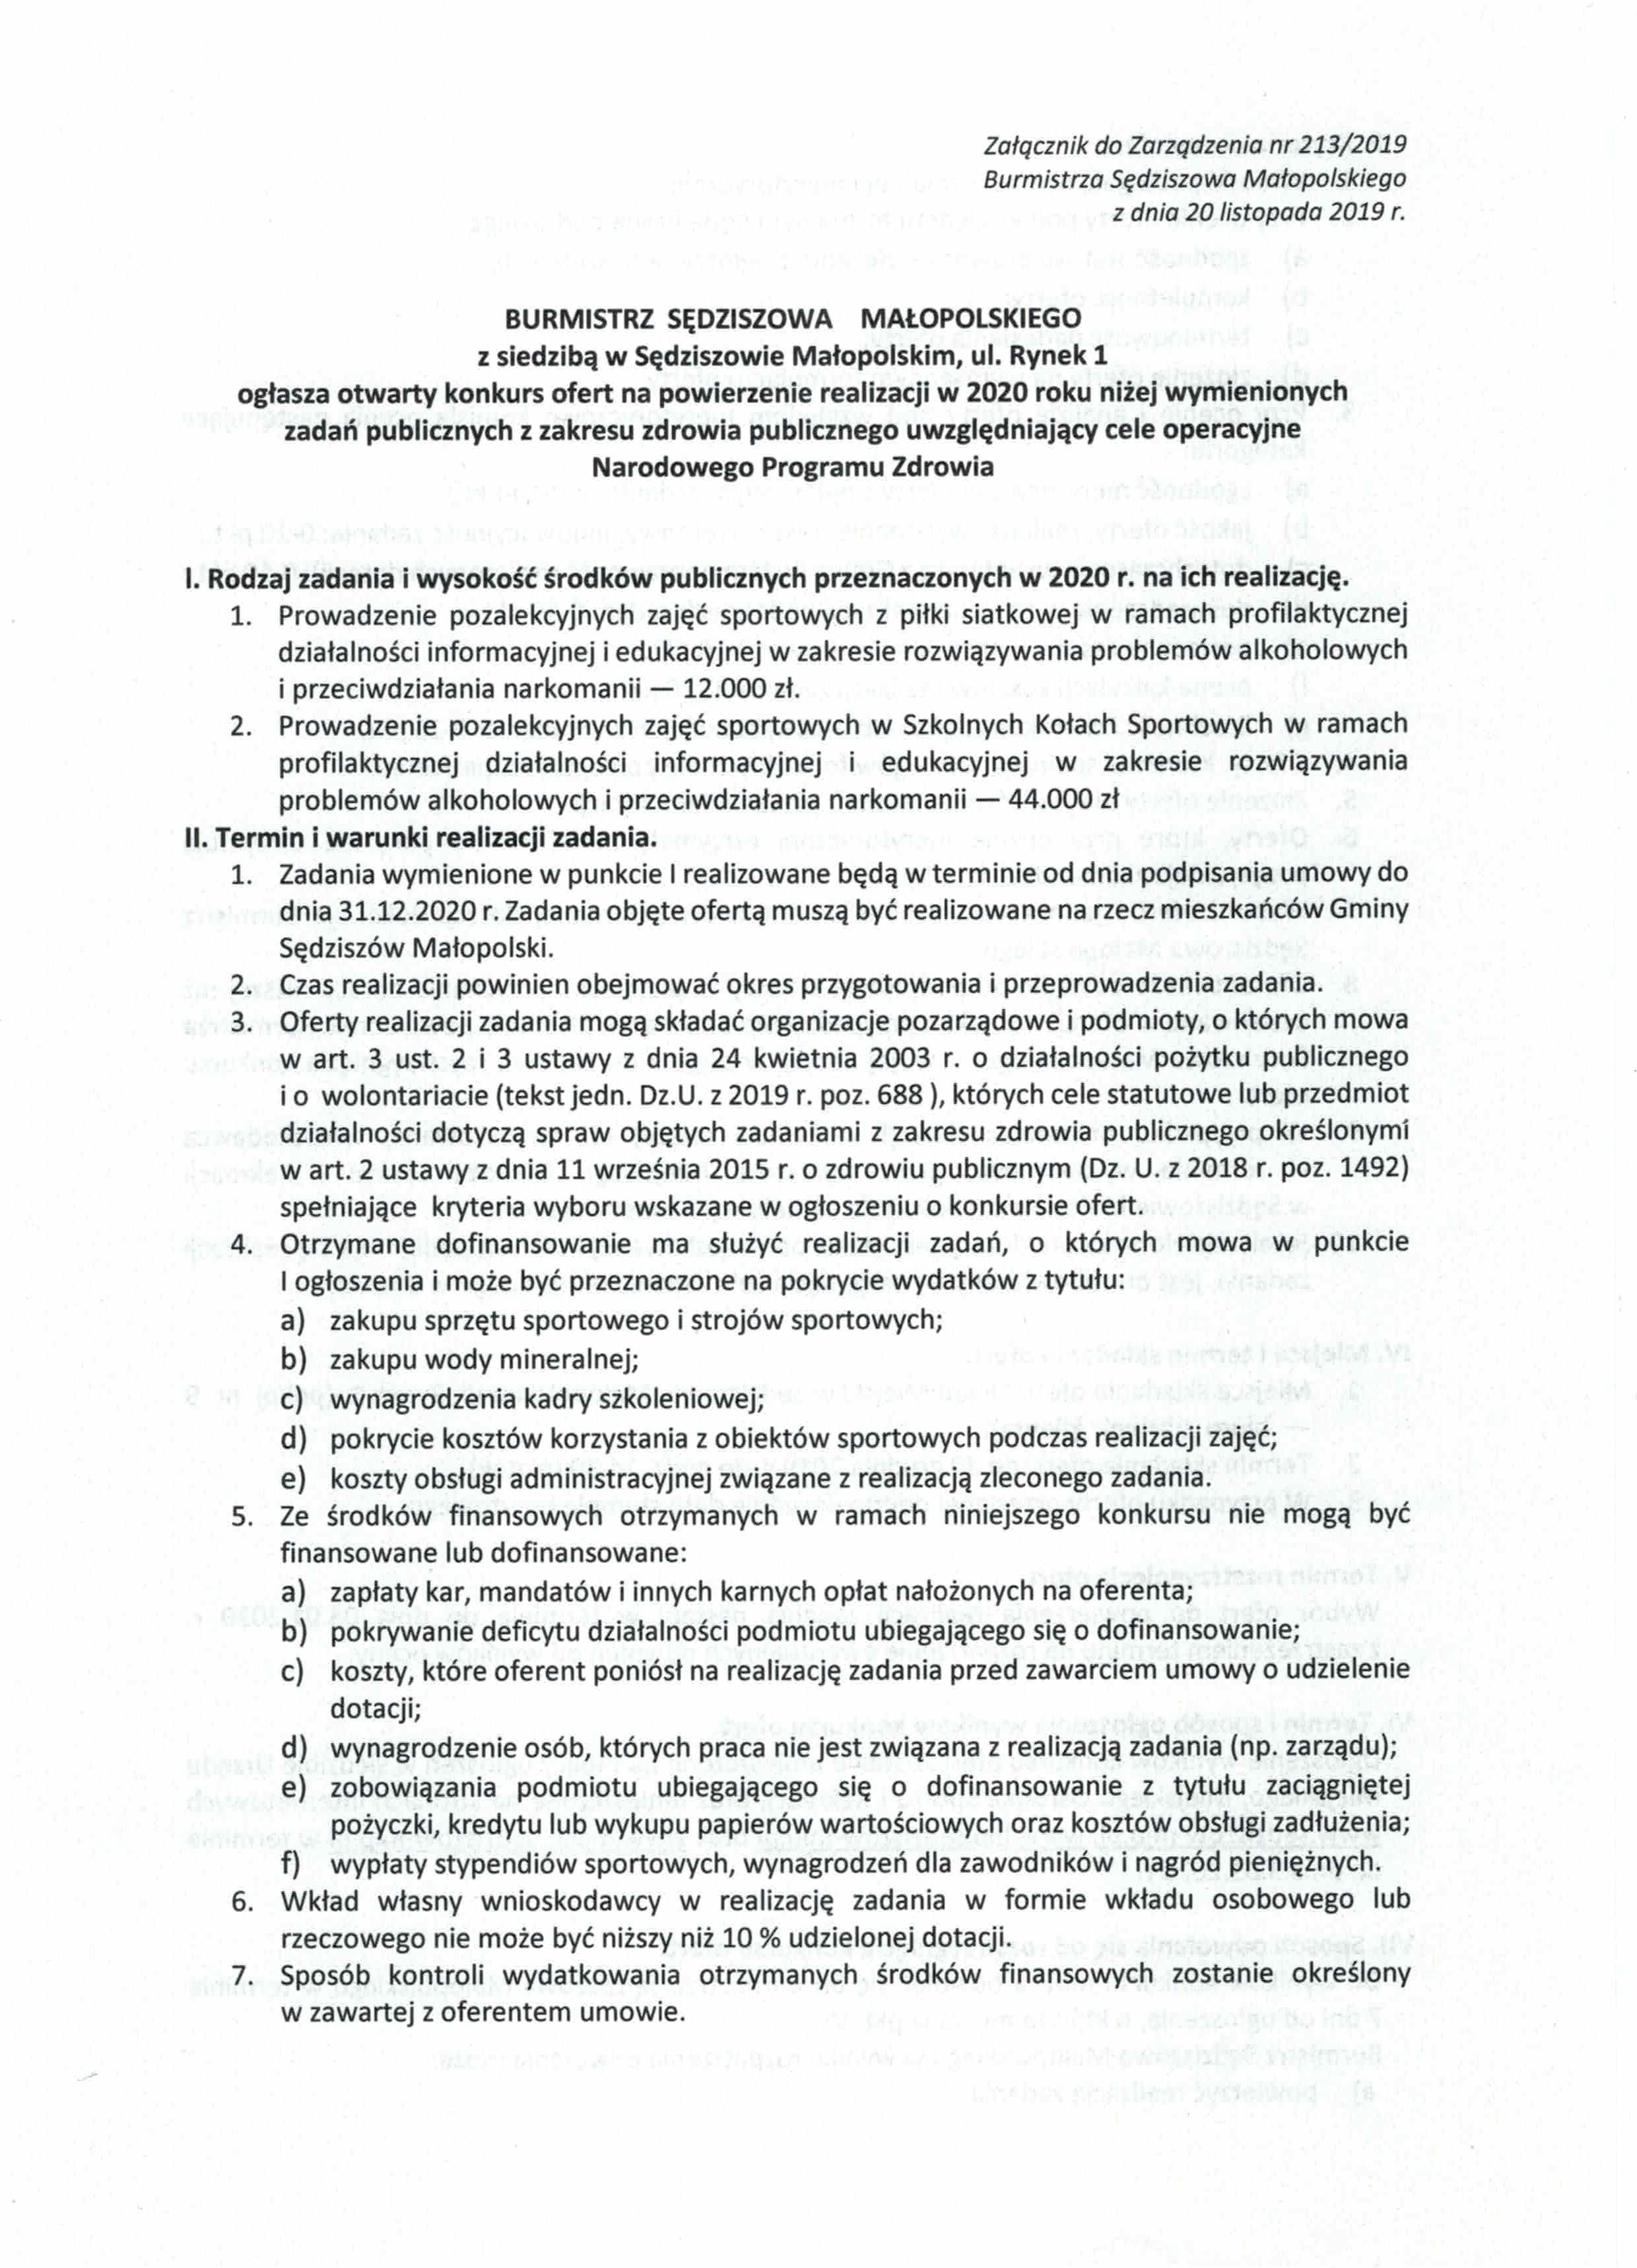 MOSIR Sędziszów Małopolski